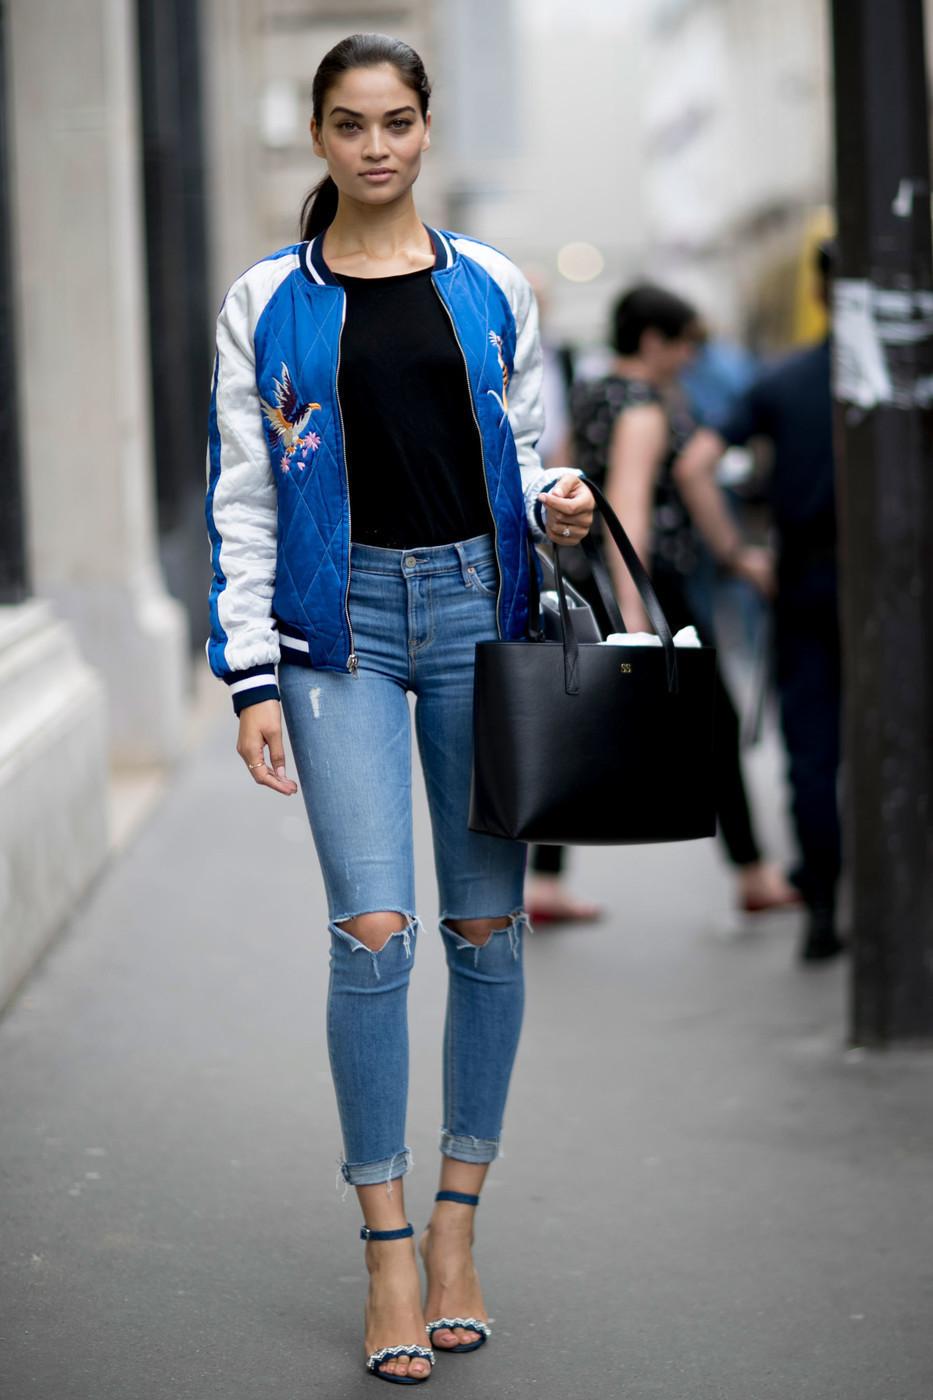 Blue Bomber Jacket | Women's Fashion